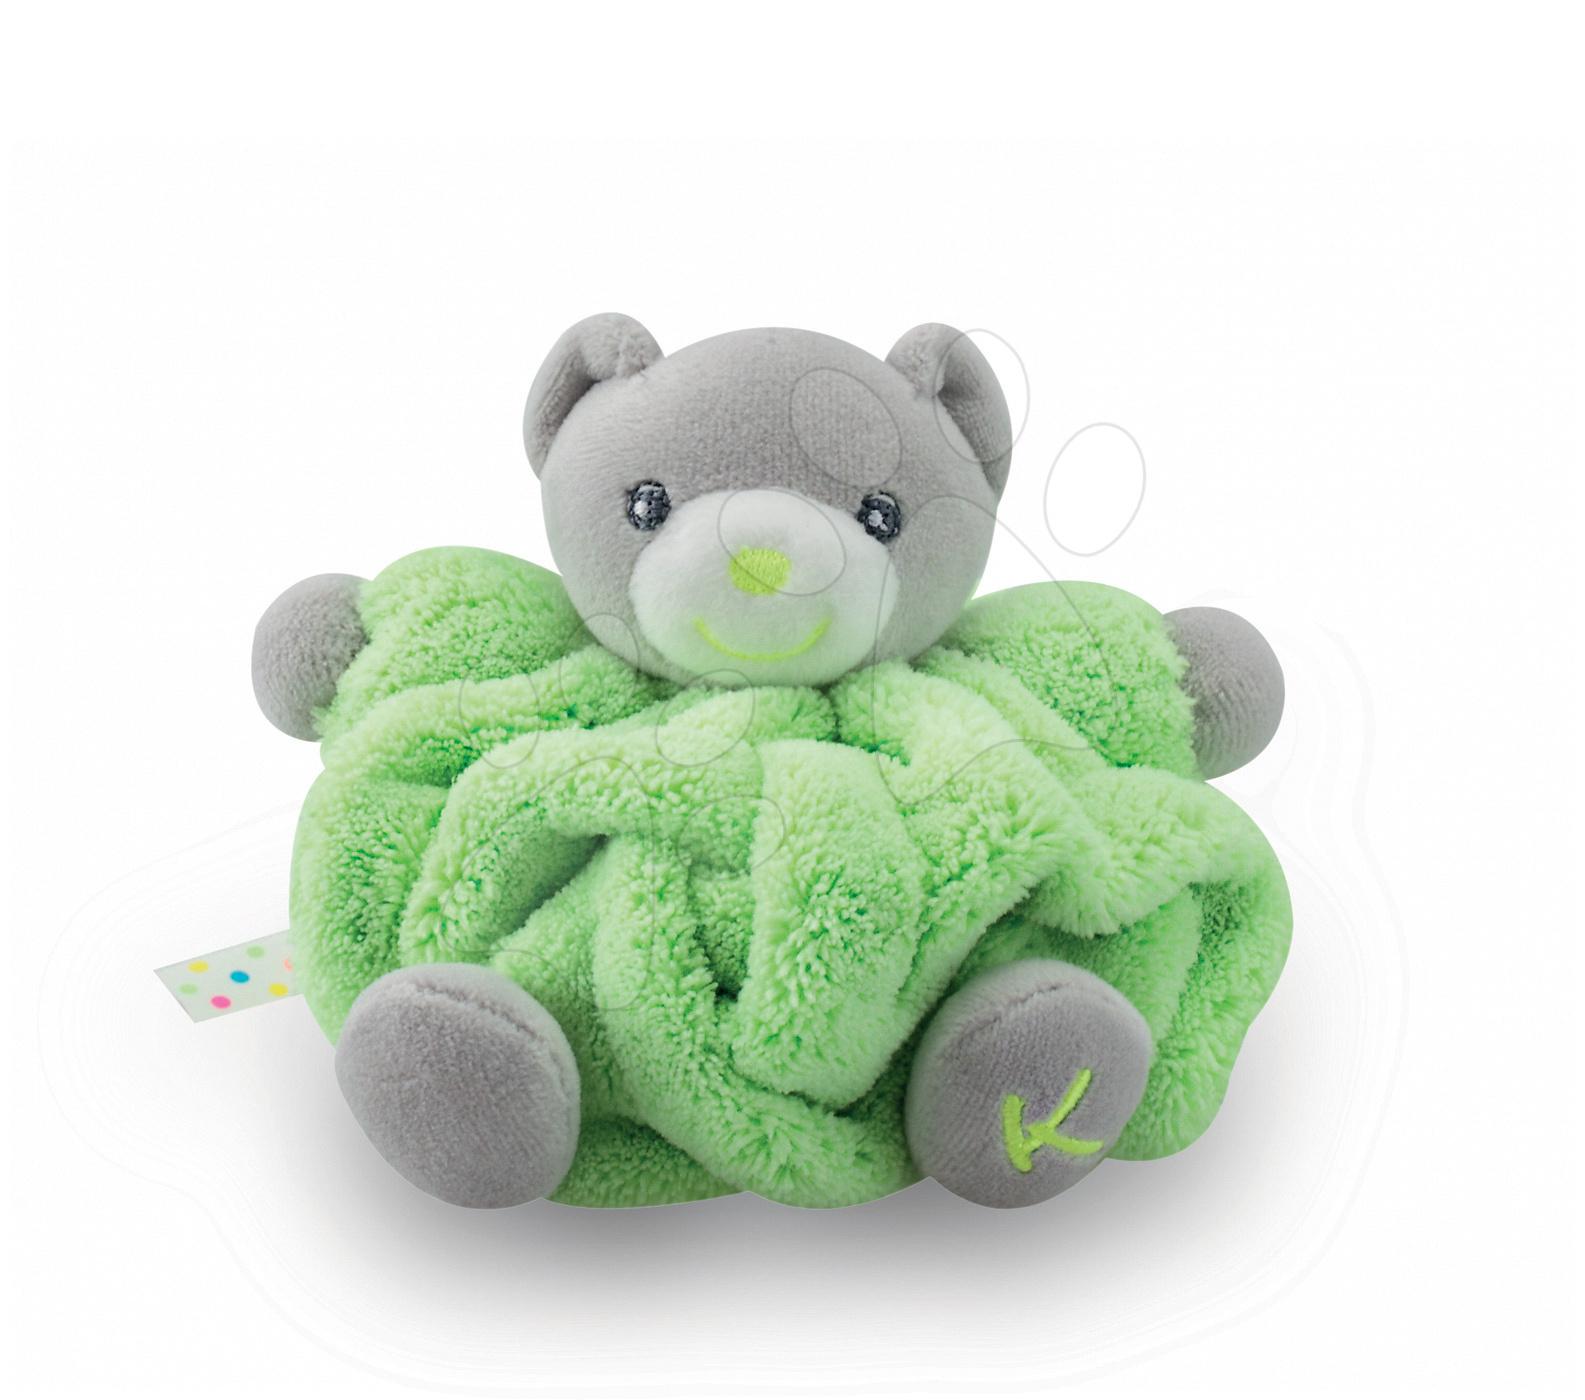 Plyšové medvede - Plyšový medvedík Plume-Mini Neon Kaloo 12 cm pre najmenších zelený